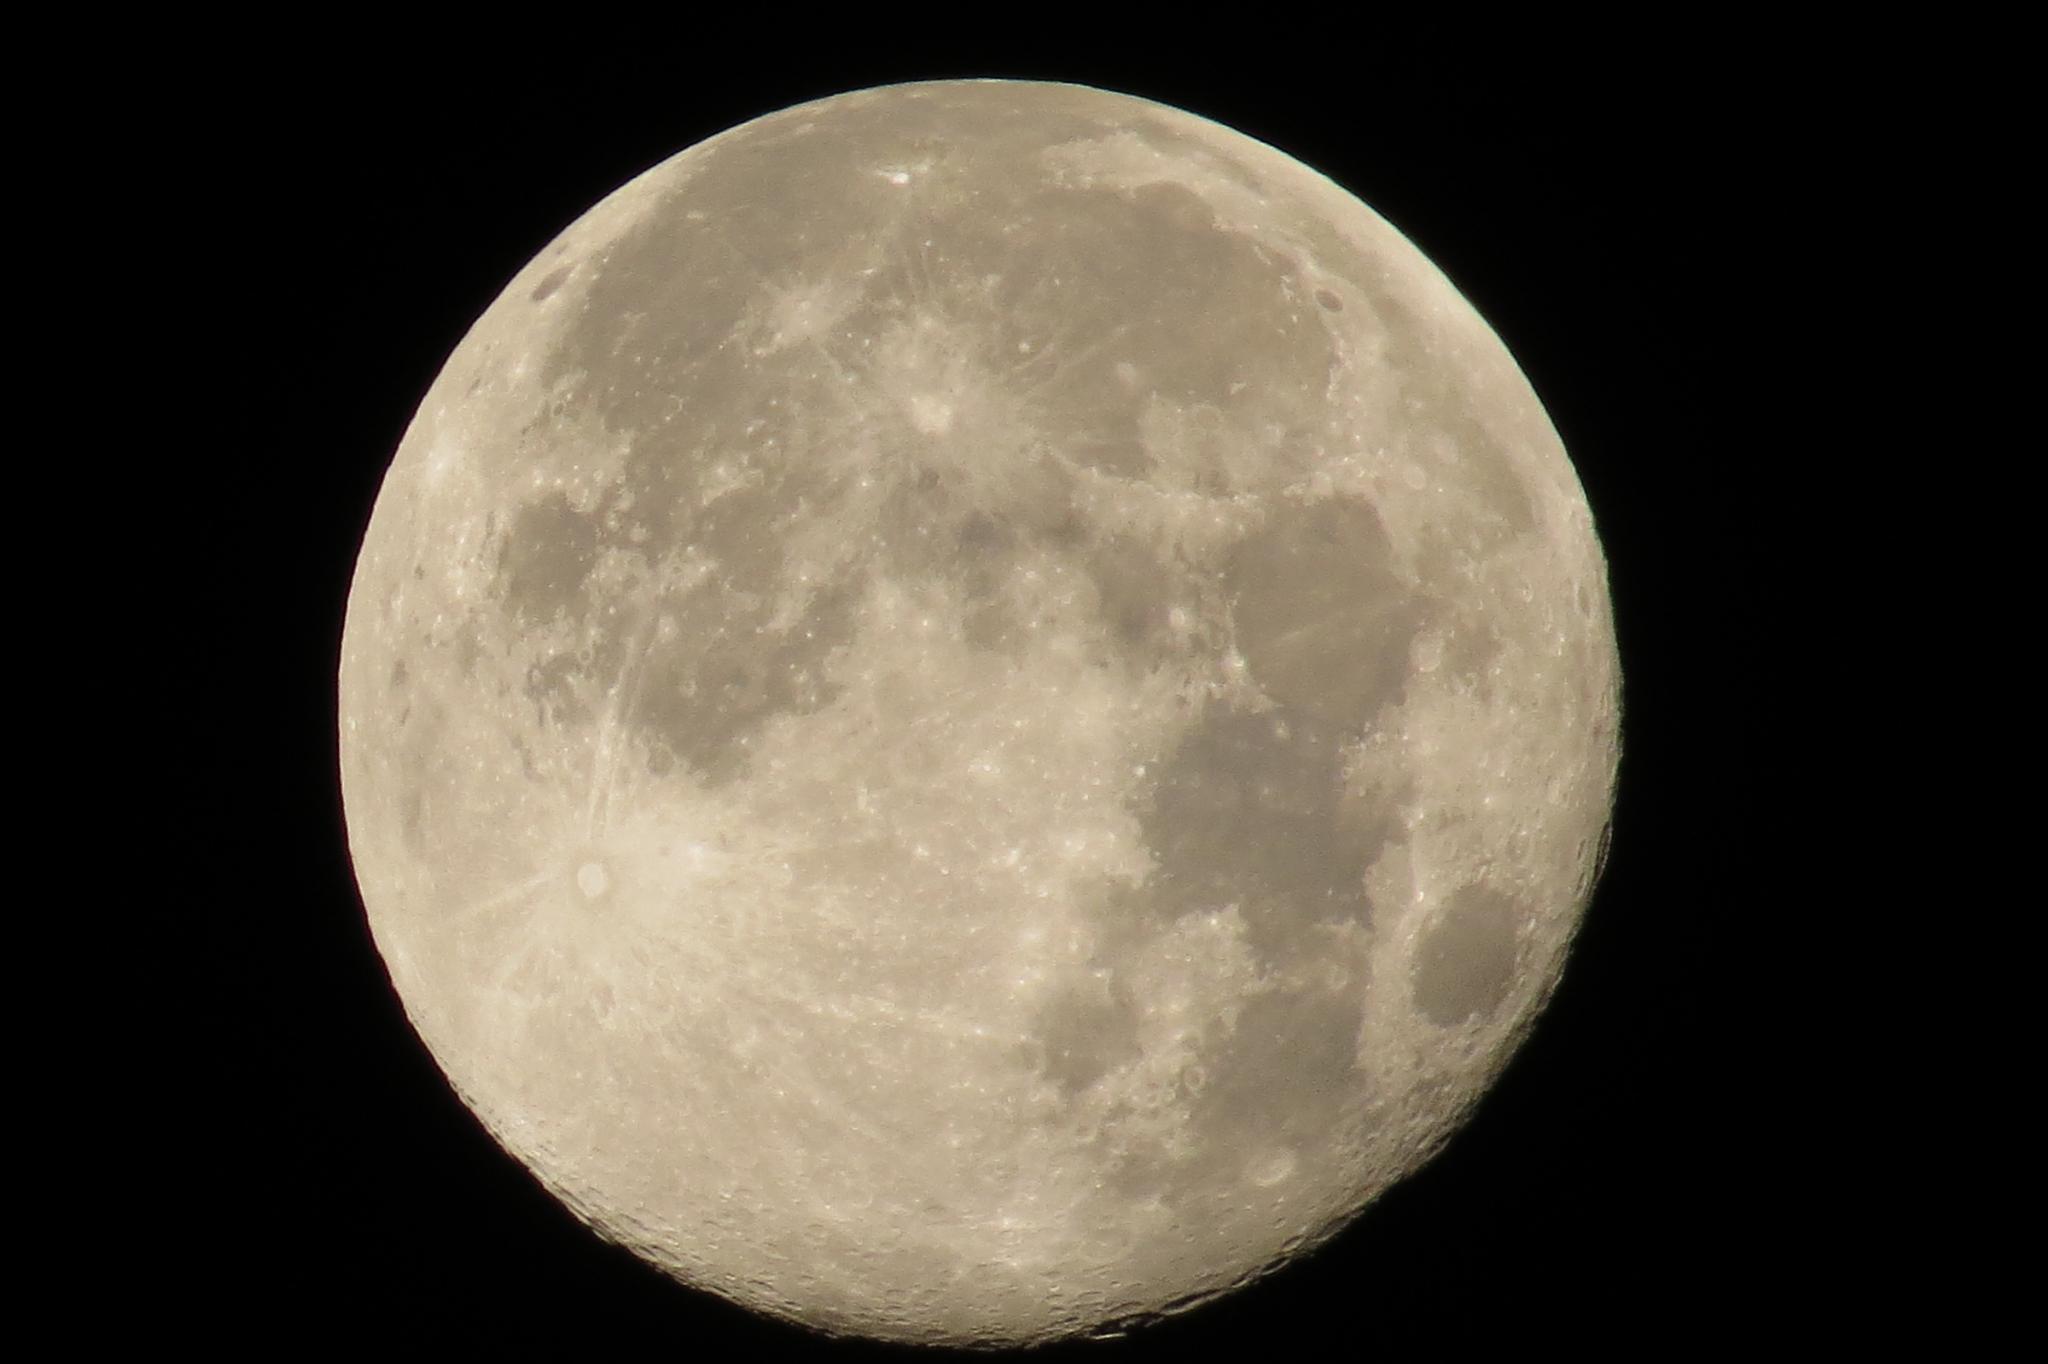 Full Moon by Bulle2a